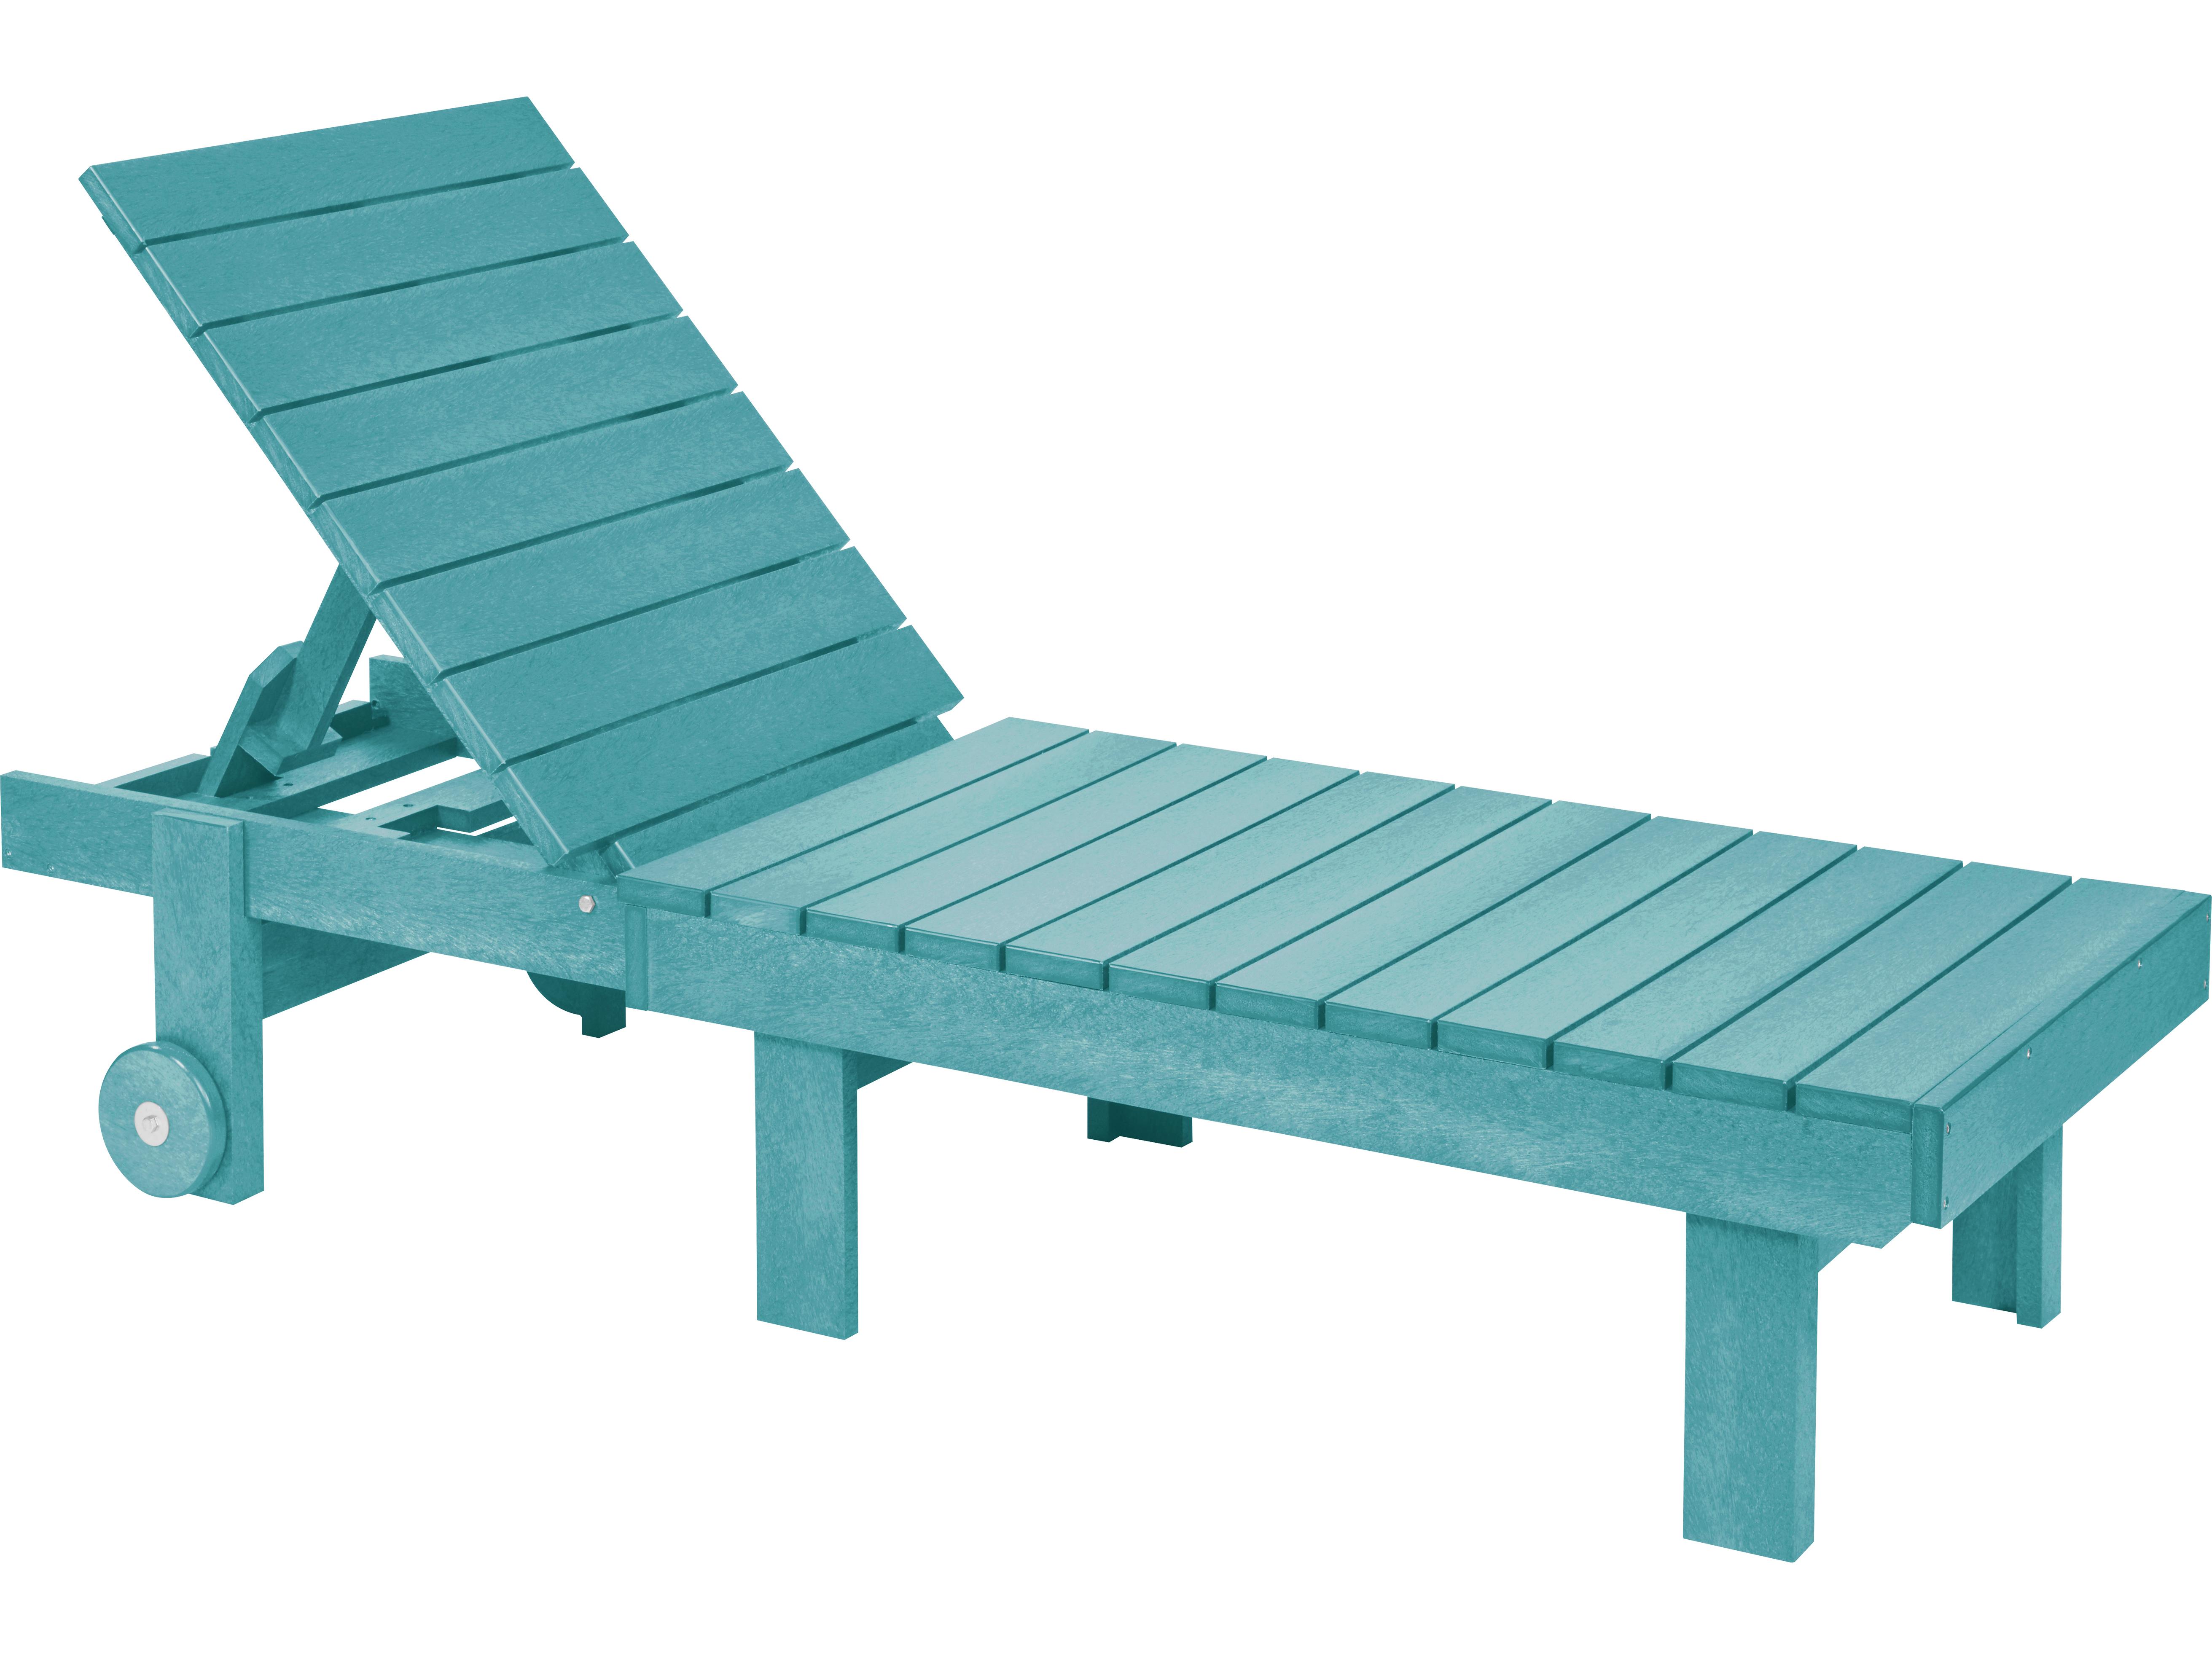 C r plastic generation chaise lounge l78 for Chaise longue pvc blanc